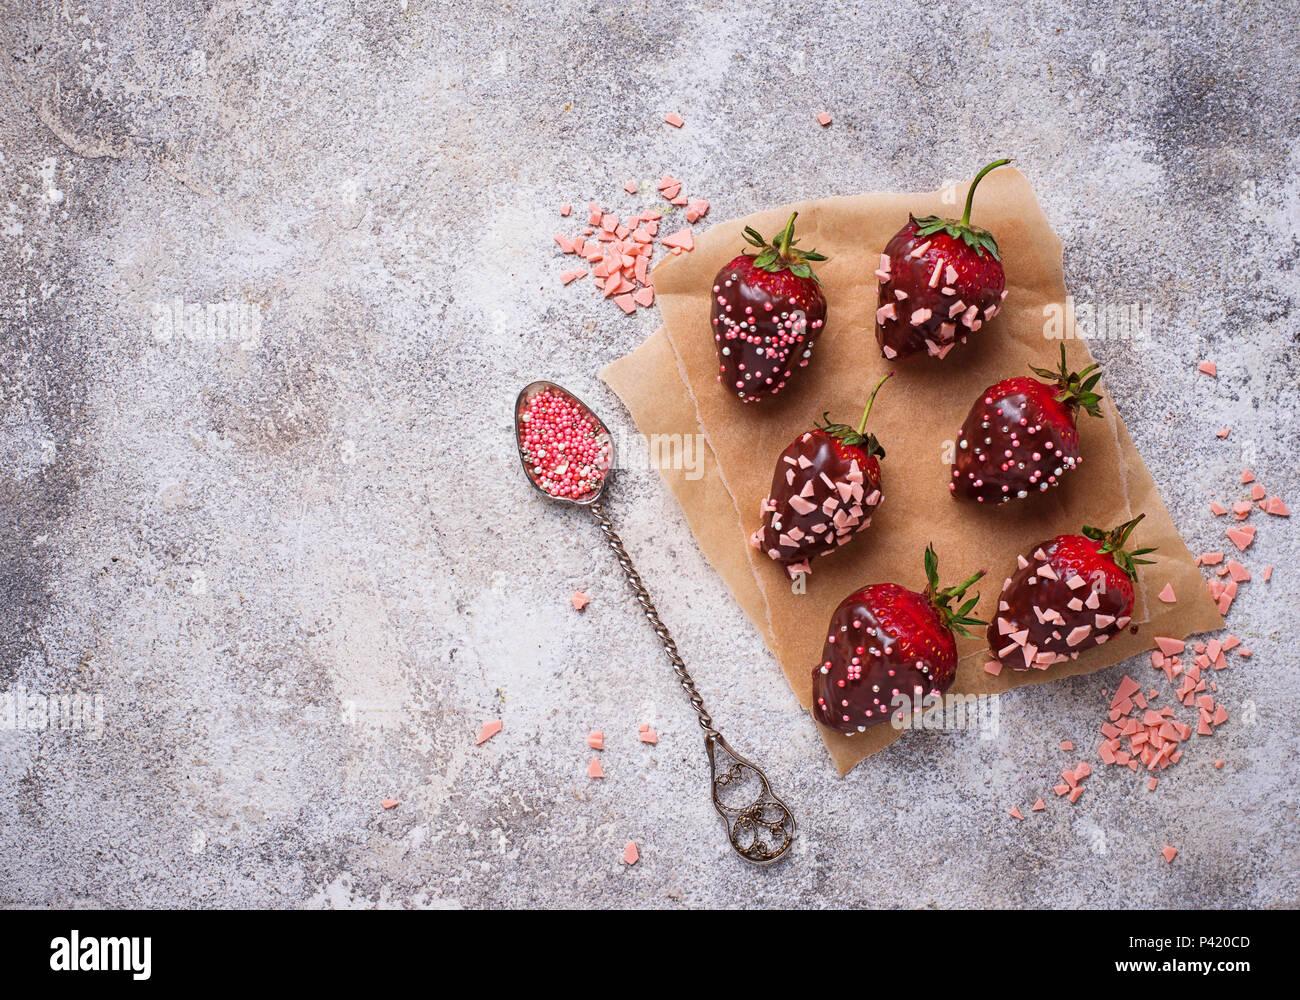 La fraise au chocolat, délicieux dessert Photo Stock